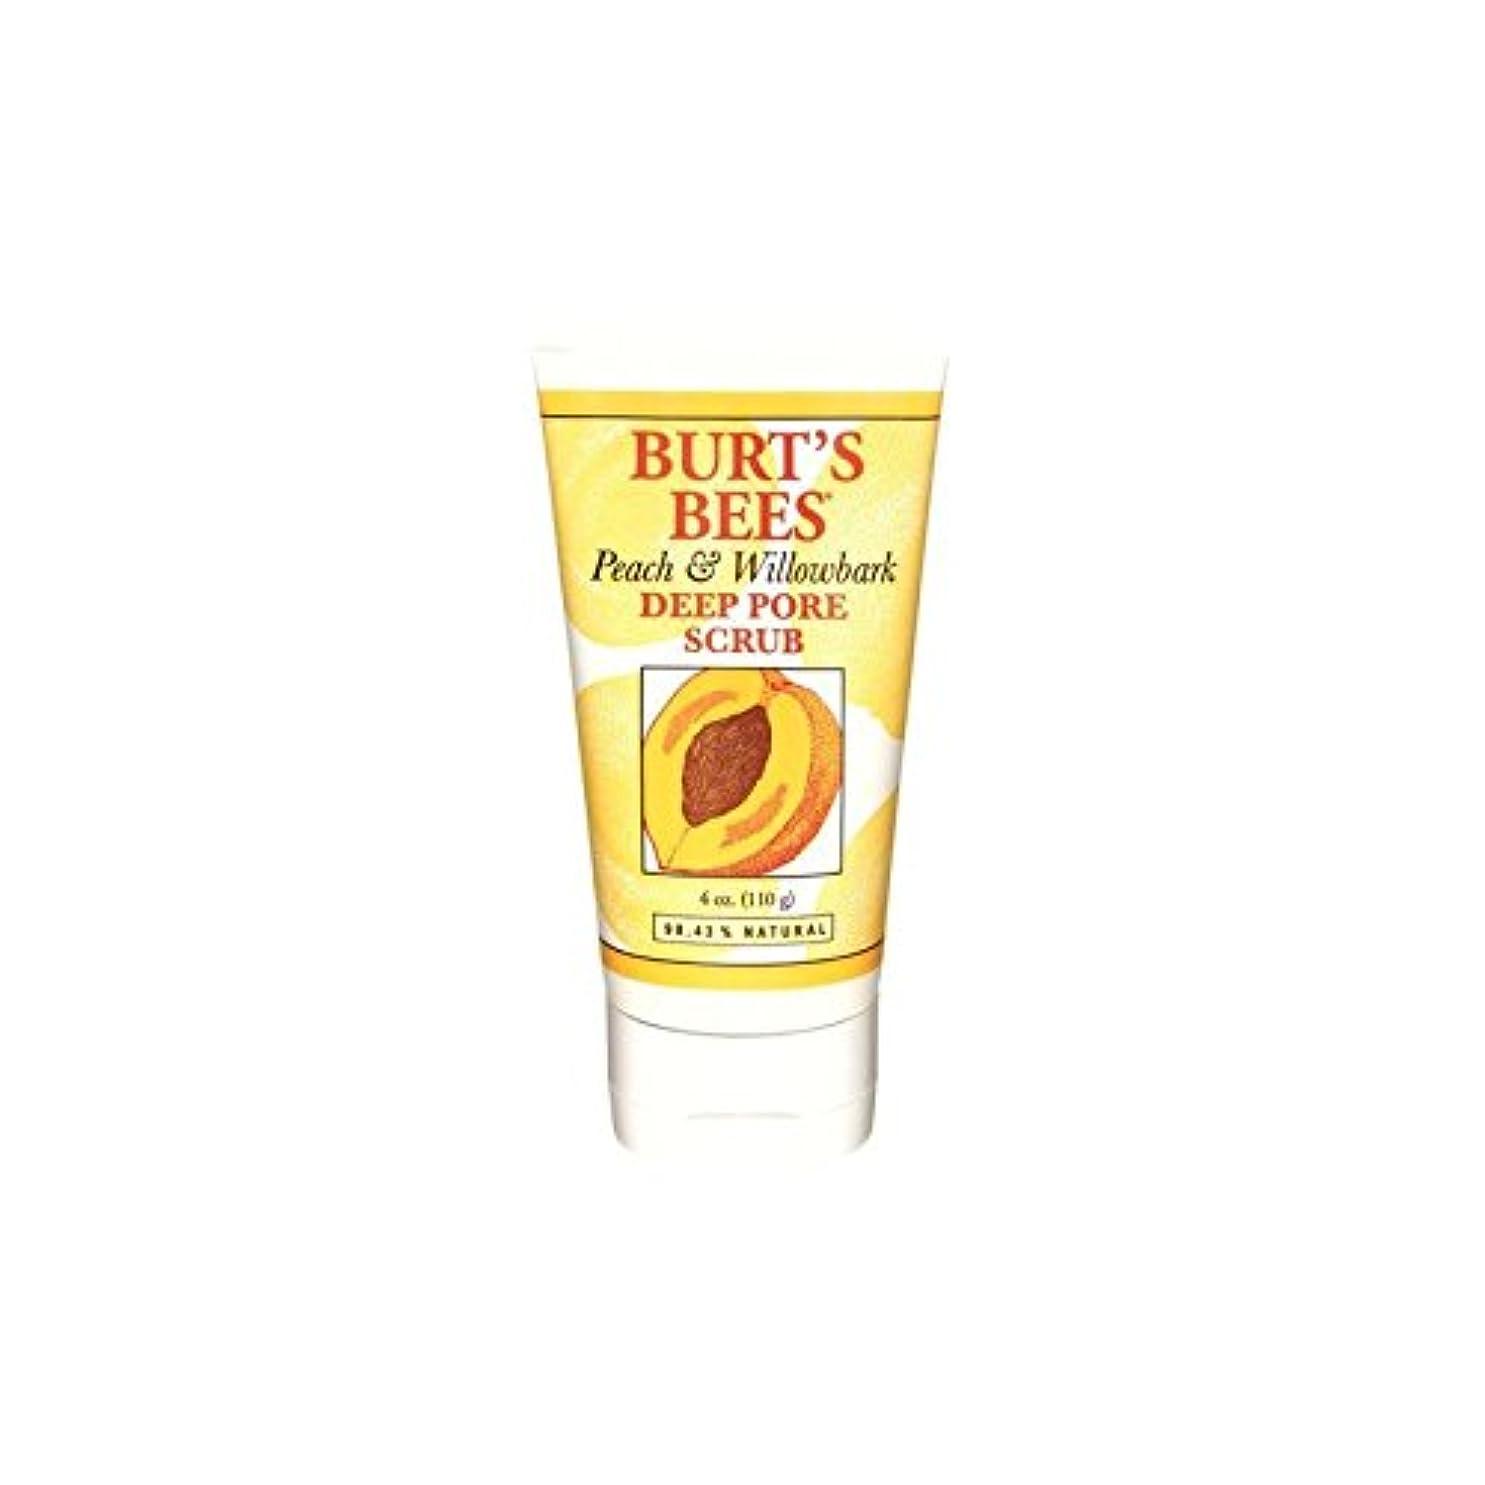 マウンド降下通信するBurt's Bees Peach & Willowbark Deep Pore Scrub (4 Oz / 110G) - バーツビーの桃&深いポアスクラブ(4オンス/ 110グラム) [並行輸入品]